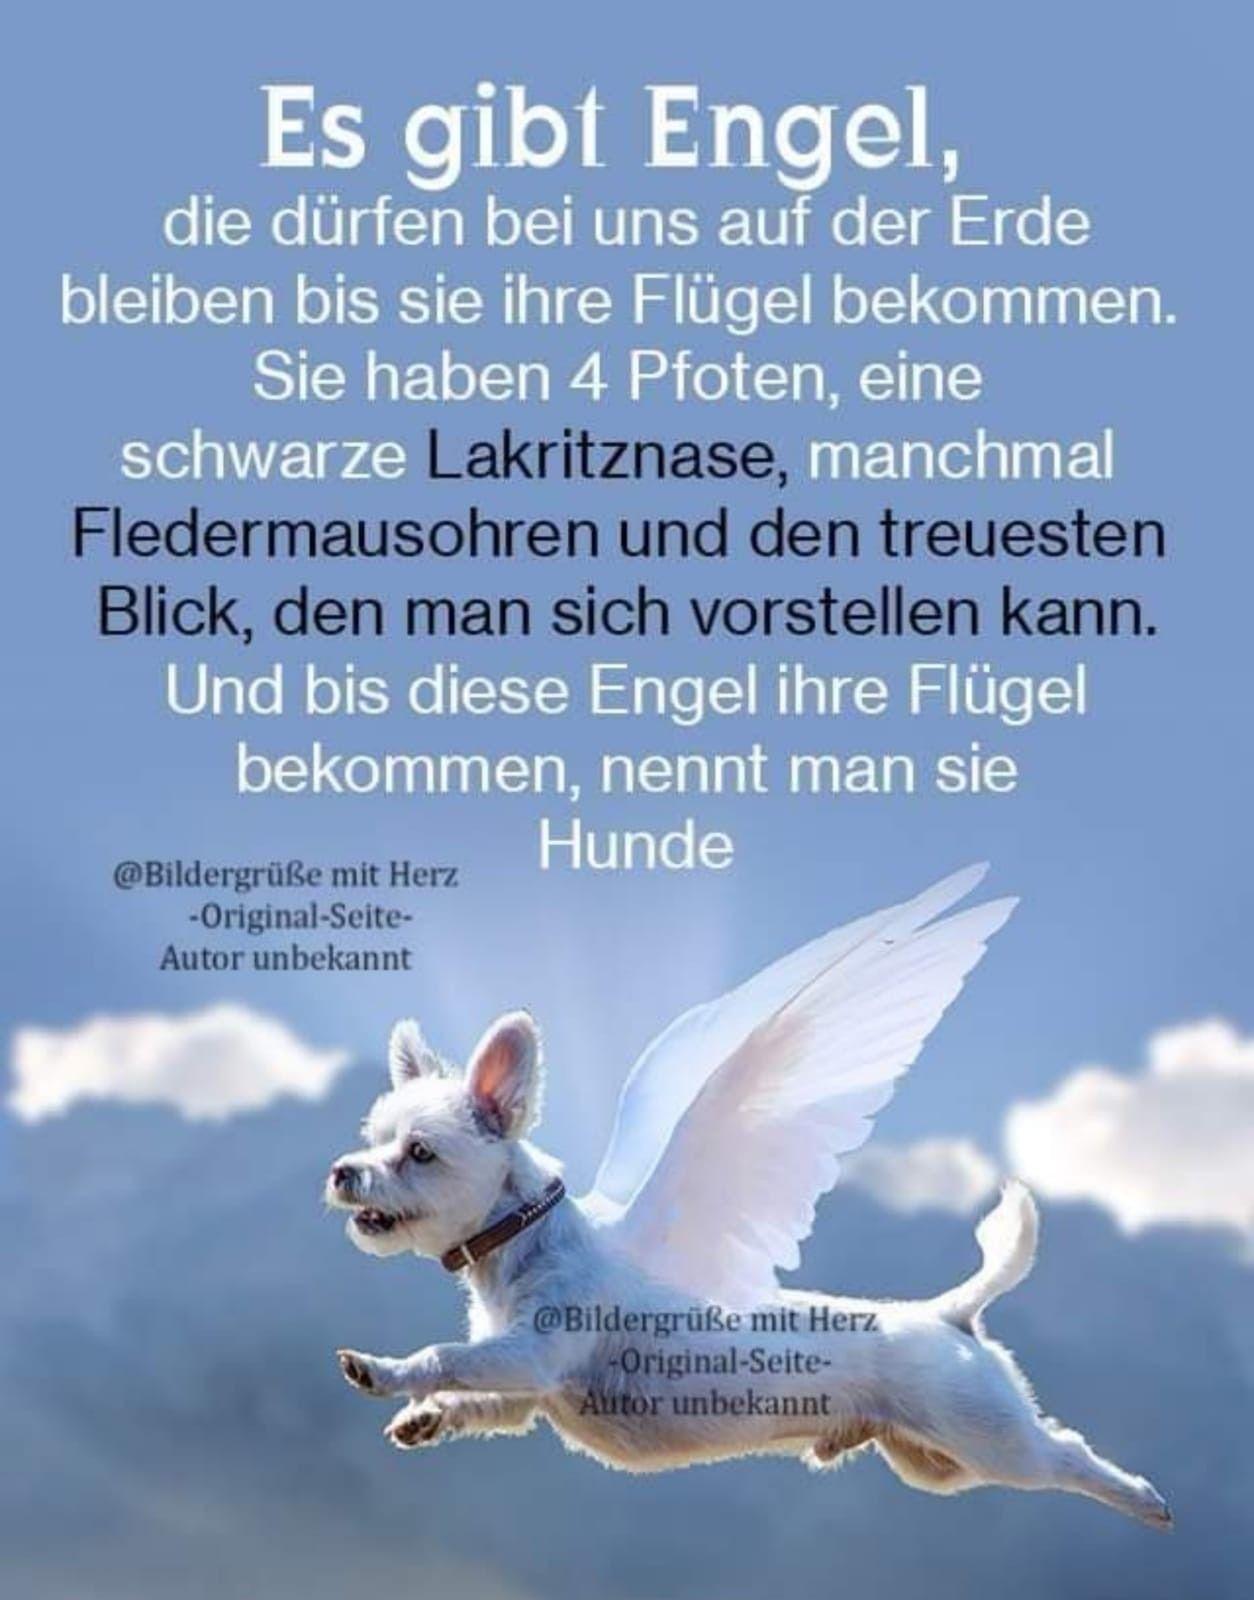 Pin von Janikosch auf Hunde Info in 2021 | Hundesprüche